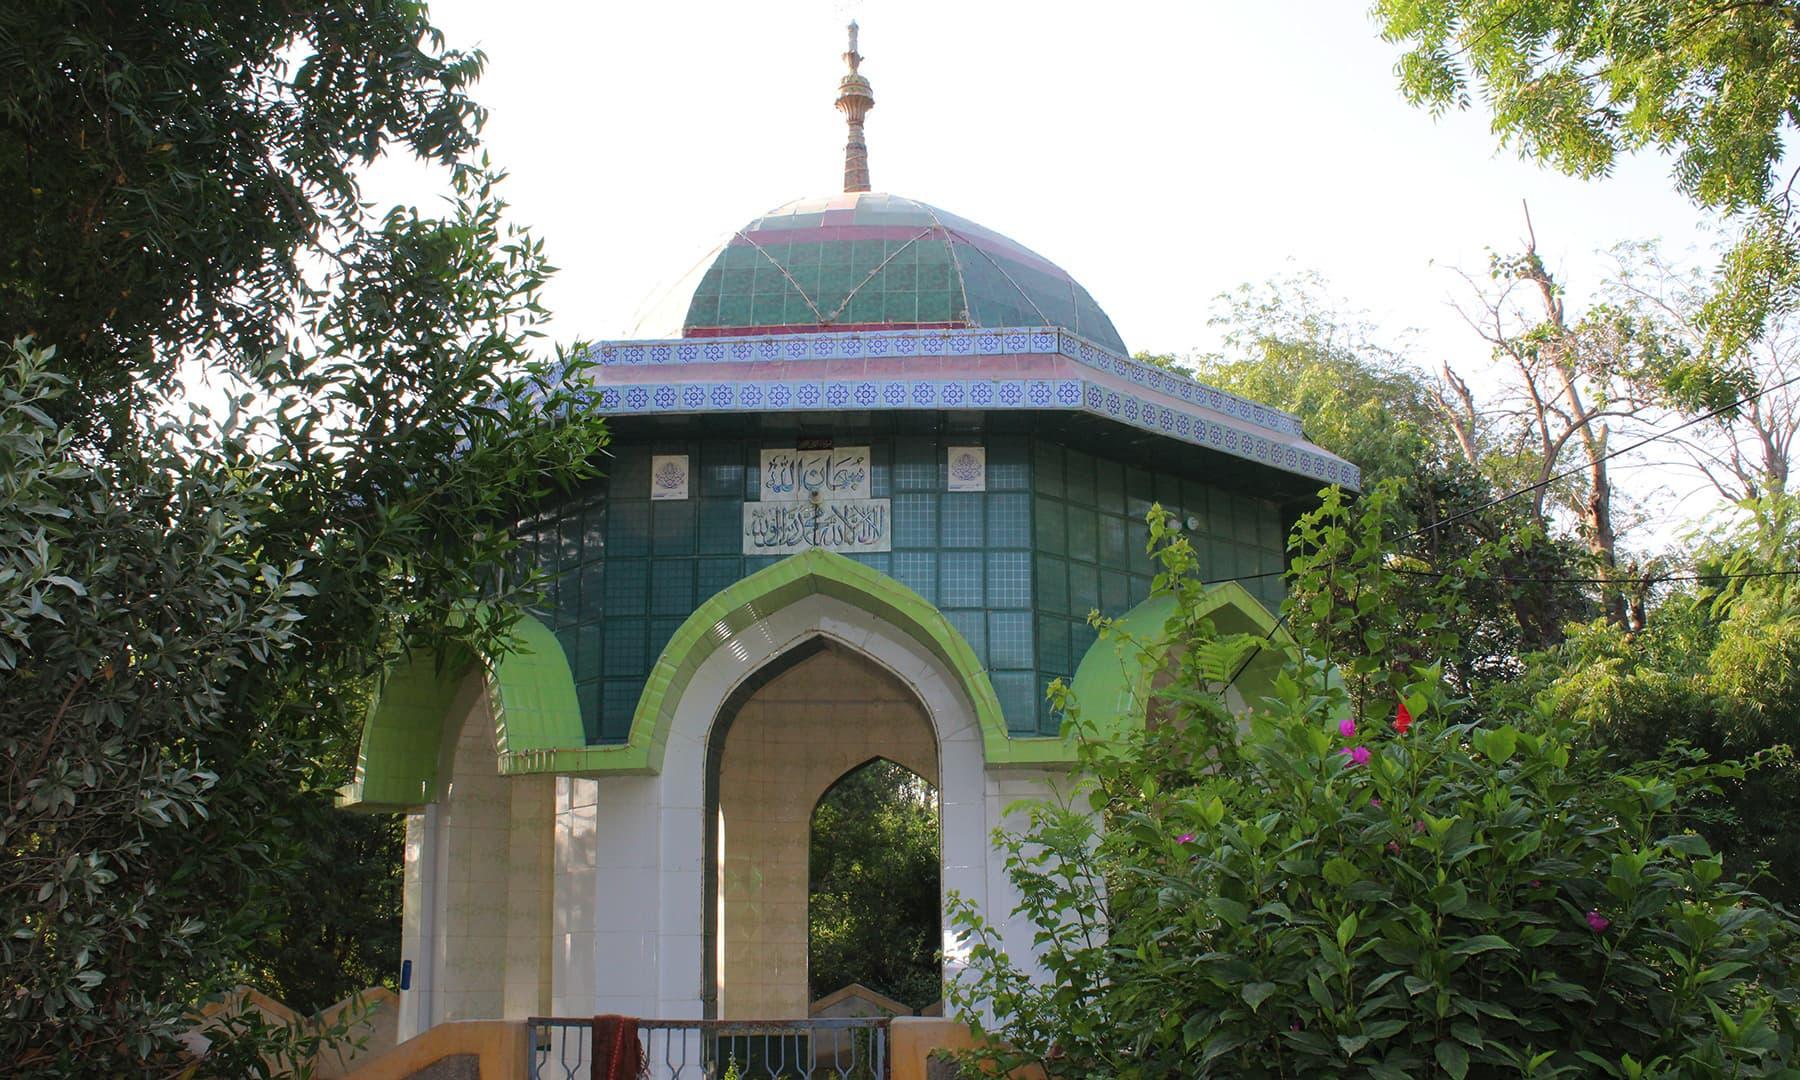 مہمان خانے کے احاطے میں موجود  شاعر صابر علی سچار کی مزار—تصویر اختر حفیظ